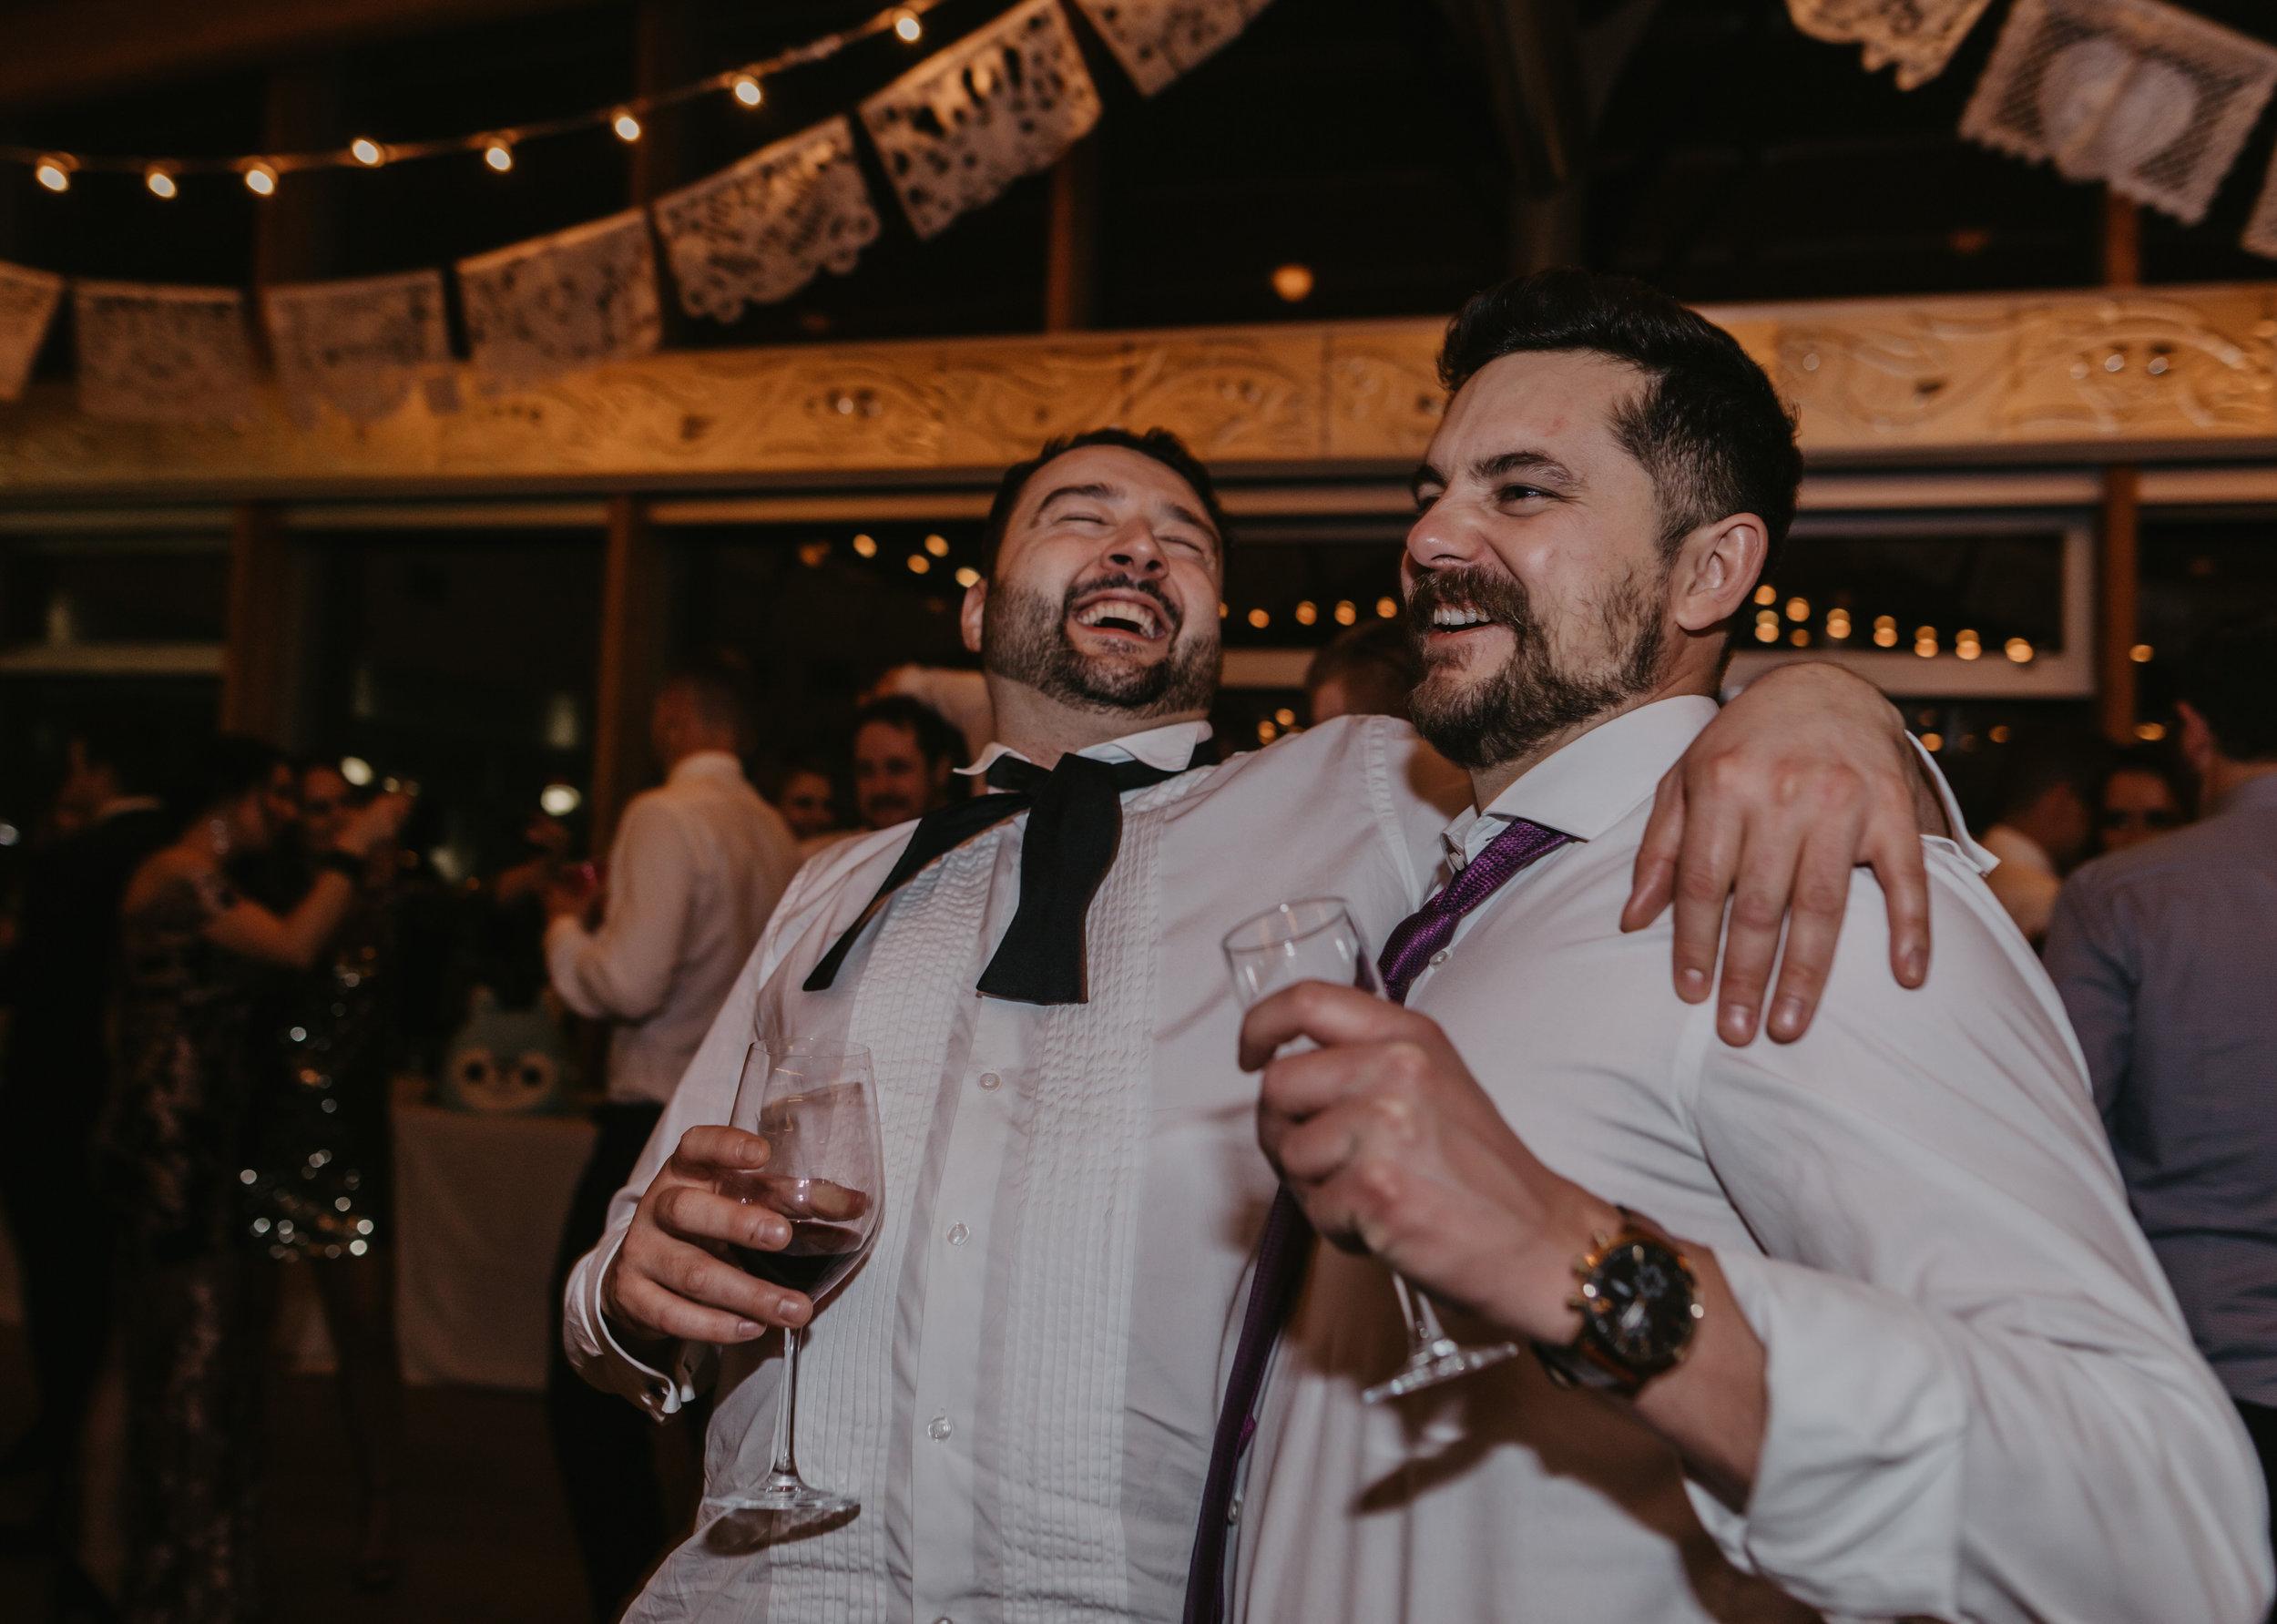 Vancouver New Years Eve Wedding - UBC Boathouse Wedding - Kitsilano Wedding Photos - Vancouver Wedding Photographer - Vancouver Wedding Videographer - 898.JPG